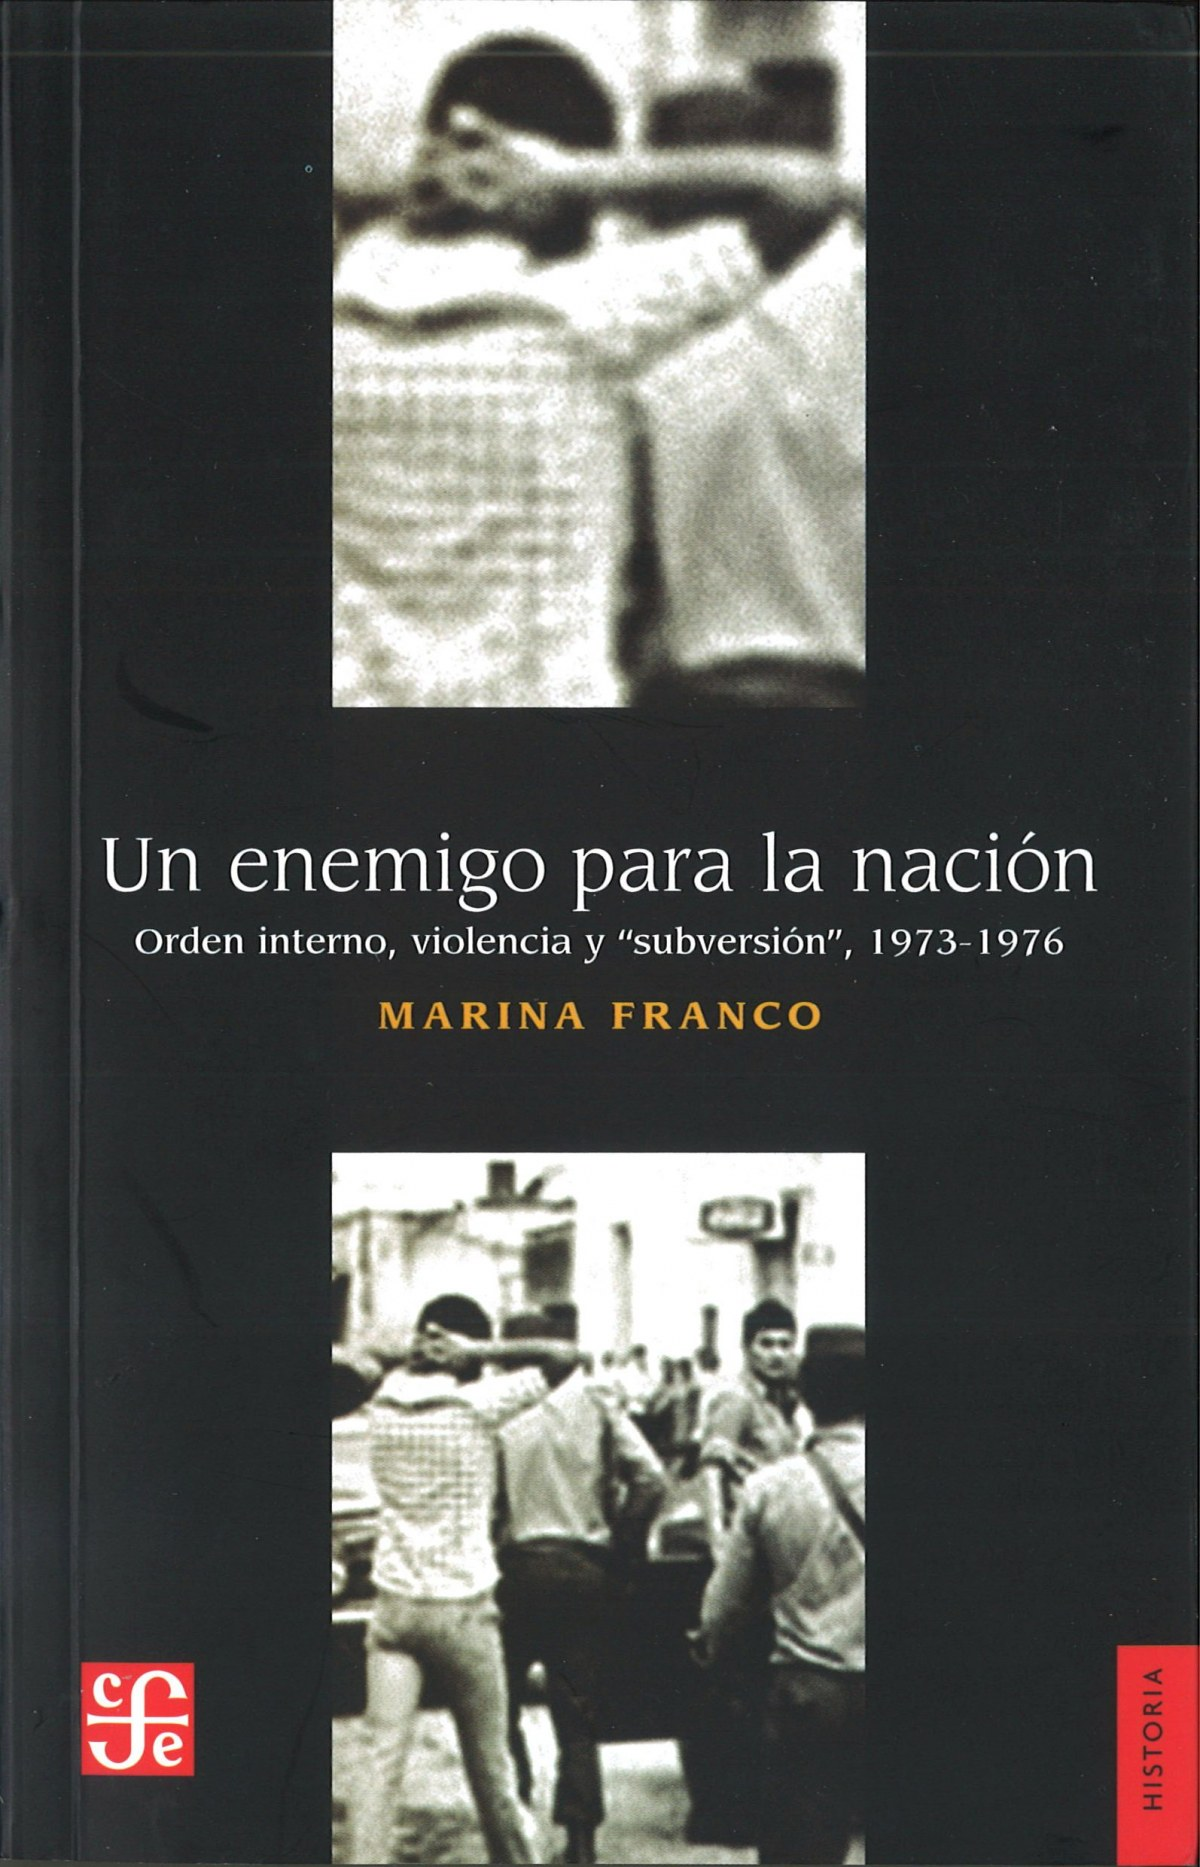 Un enemigo para la nación. Orden interno, violencia y subversión, 1973-1976